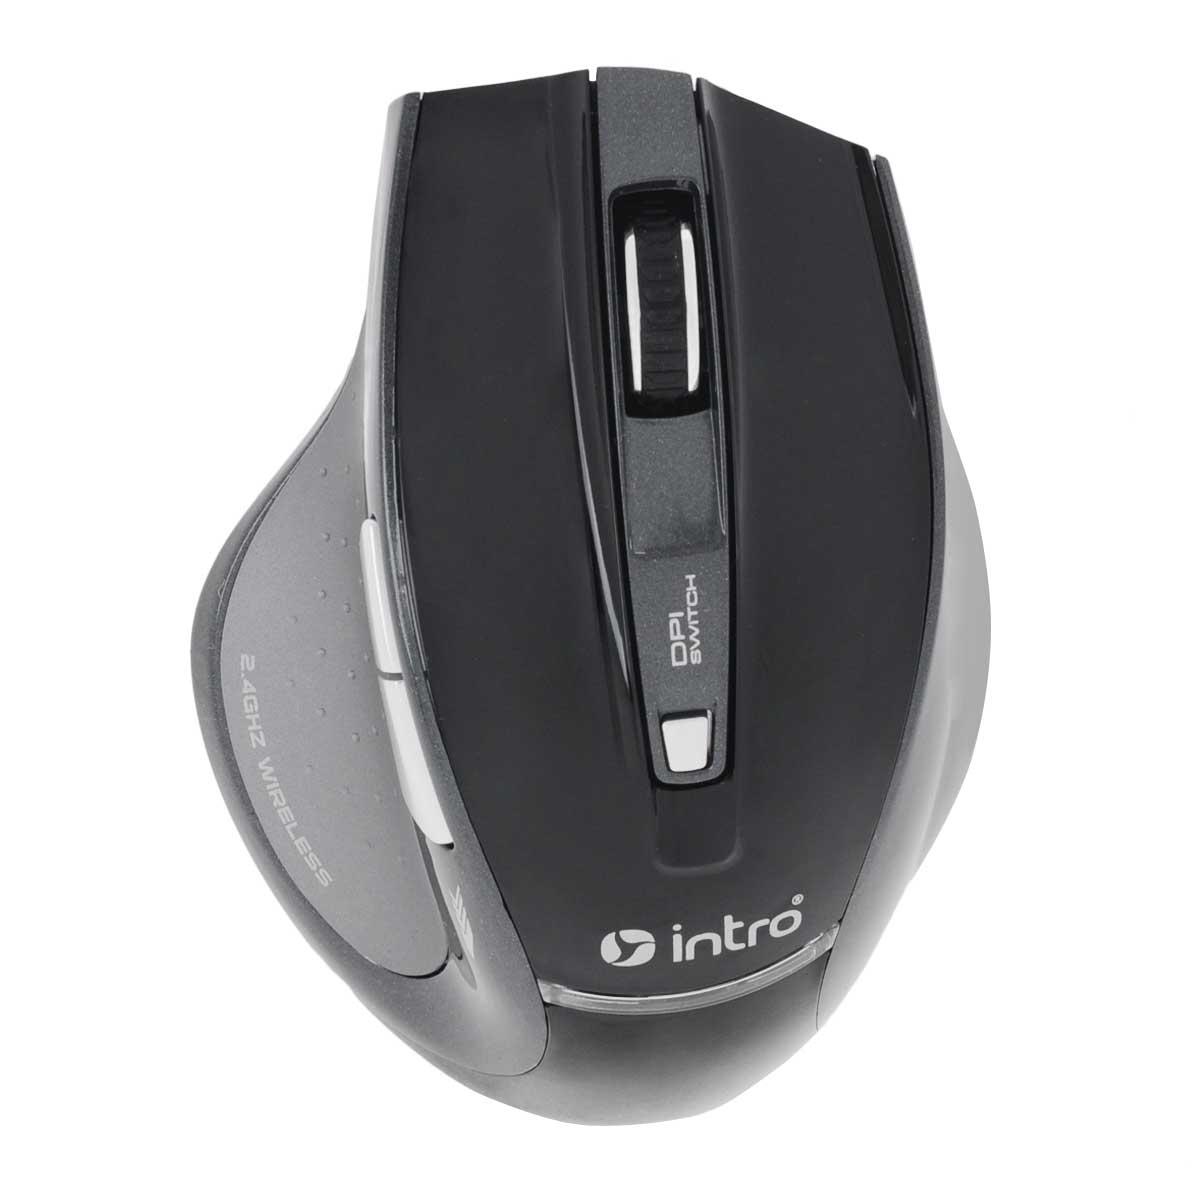 Intro MW107G Wireless Gaming Basic, Black мышьMW107GСтильная беспроводная мышь Intro MW107G Wireless Gaming Basic обладает эргономичным дизайном и отлично подходит как для игр, так и для работы в офисе. Игровая эргономичная беспроводная мышь предназначена для настольного компьютера. Мышь с эффективной энергосберегающей технологией позволяет пользоваться устройствами длительное время с пользой. Также есть место для хранения ресивера в корпусе мыши. Радиус действия до 10 м предоставляет возможность пользоваться мышью с максимальным удобством.